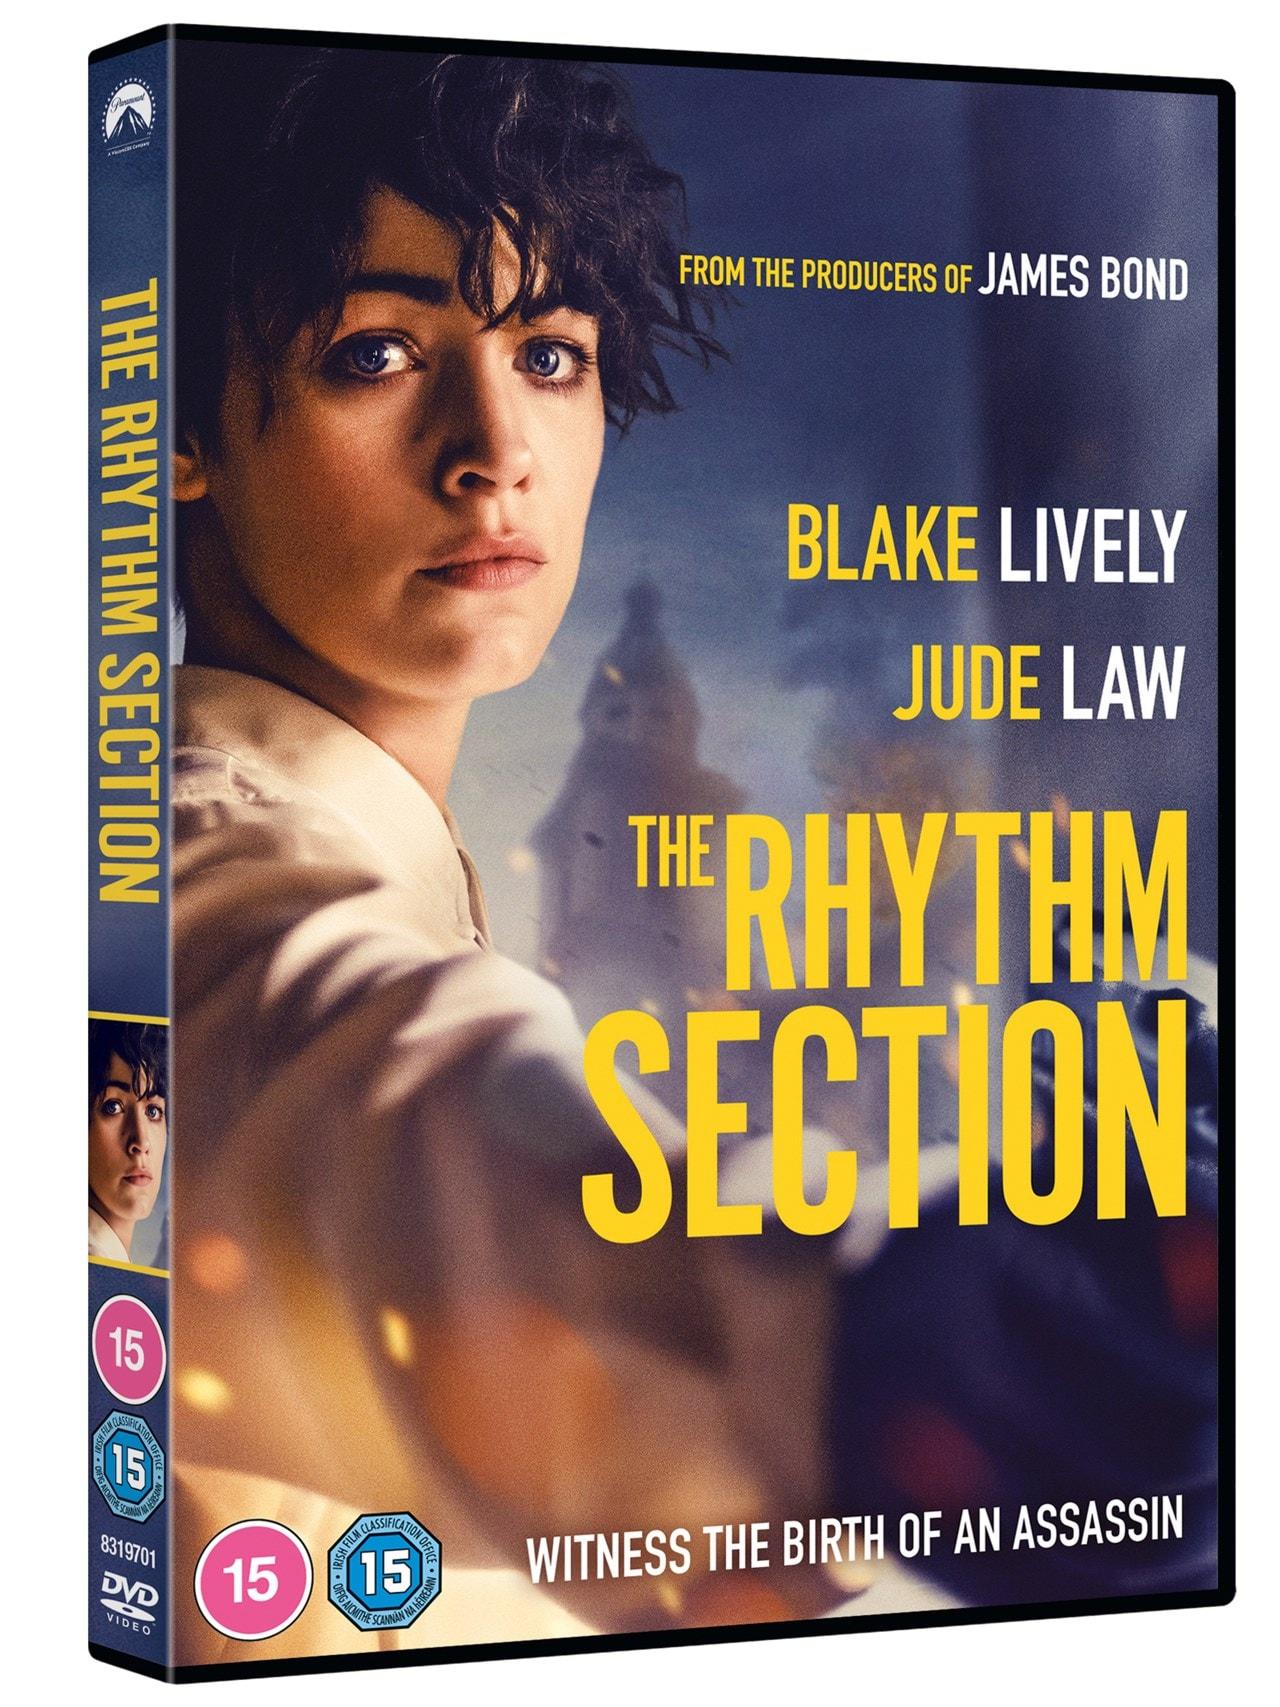 The Rhythm Section - 2